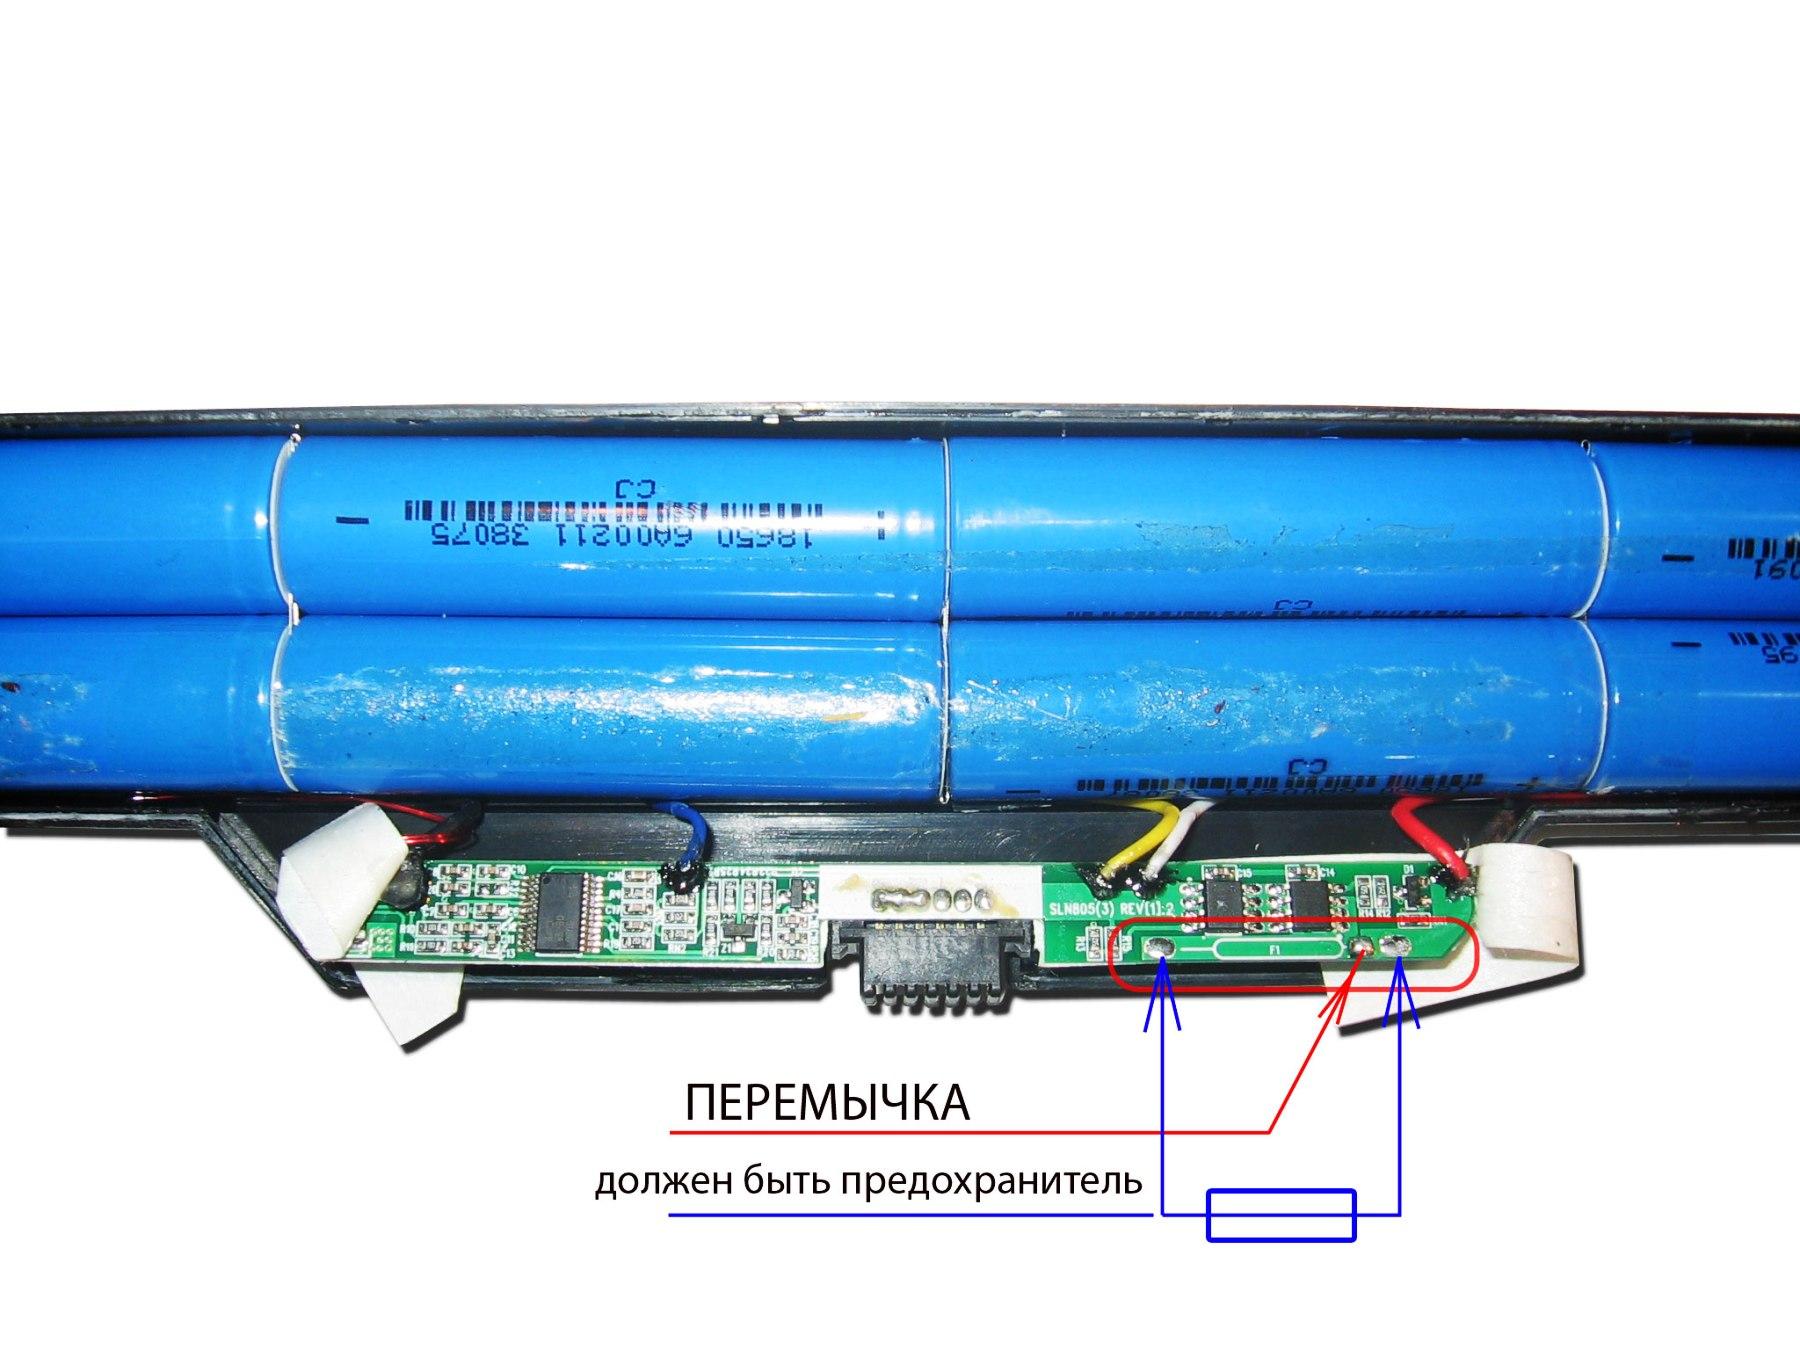 Ремонт батареи hp ноутбука своими руками